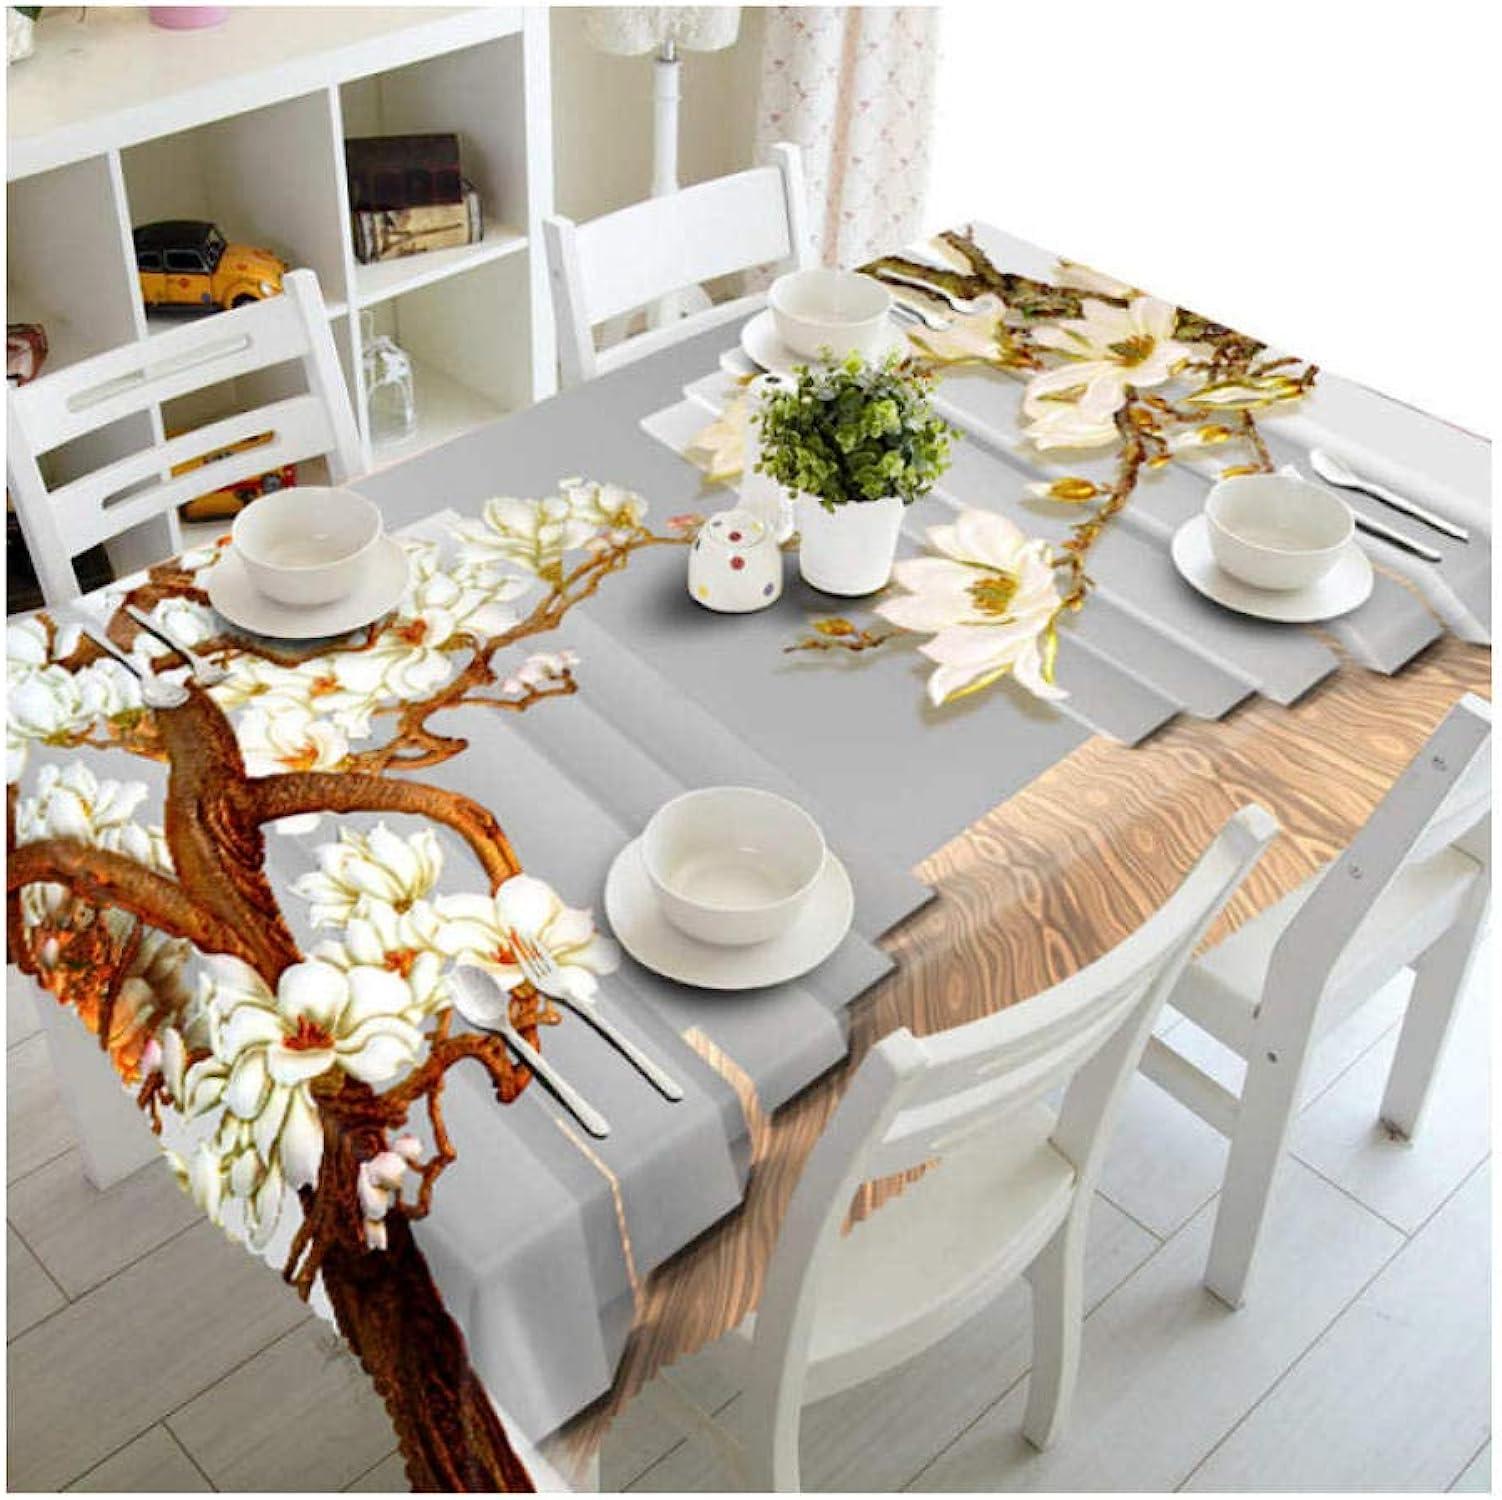 Branche Jaune Motif De Fleurs Polyester Coton 3D Nappe Belle Dustproof Table à Manger Tissu Décoration De Mariage Couverture De Table140x220cm